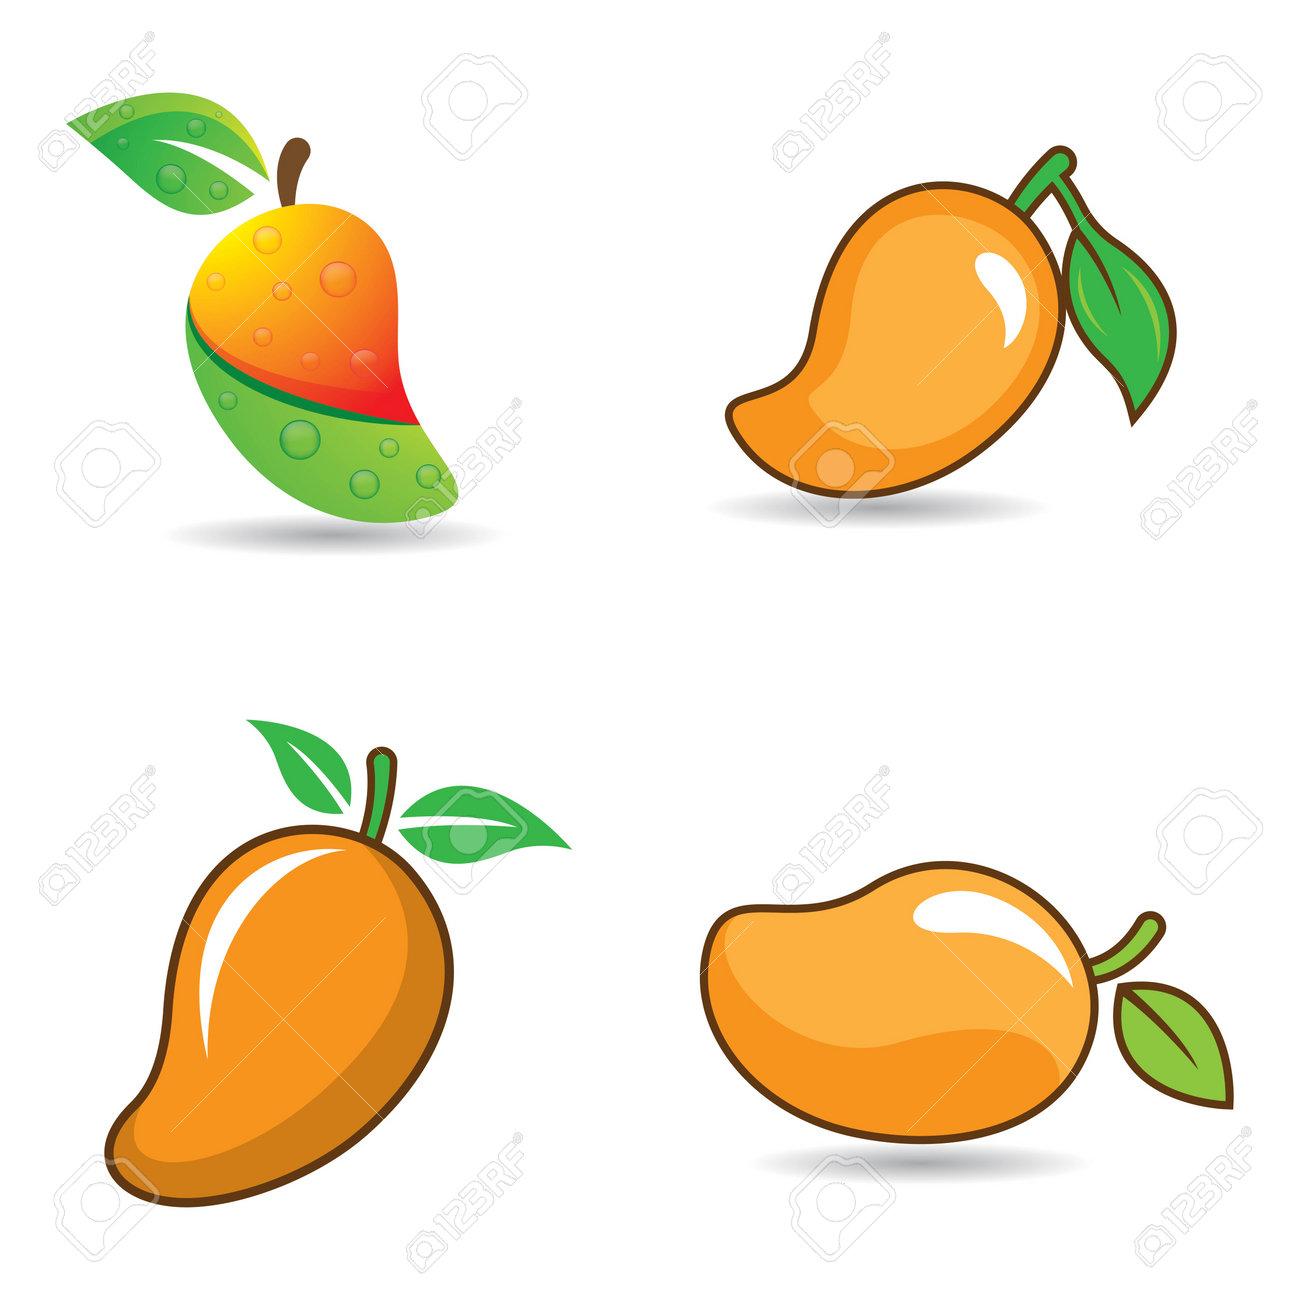 Mango logo images illustration design - 169624648